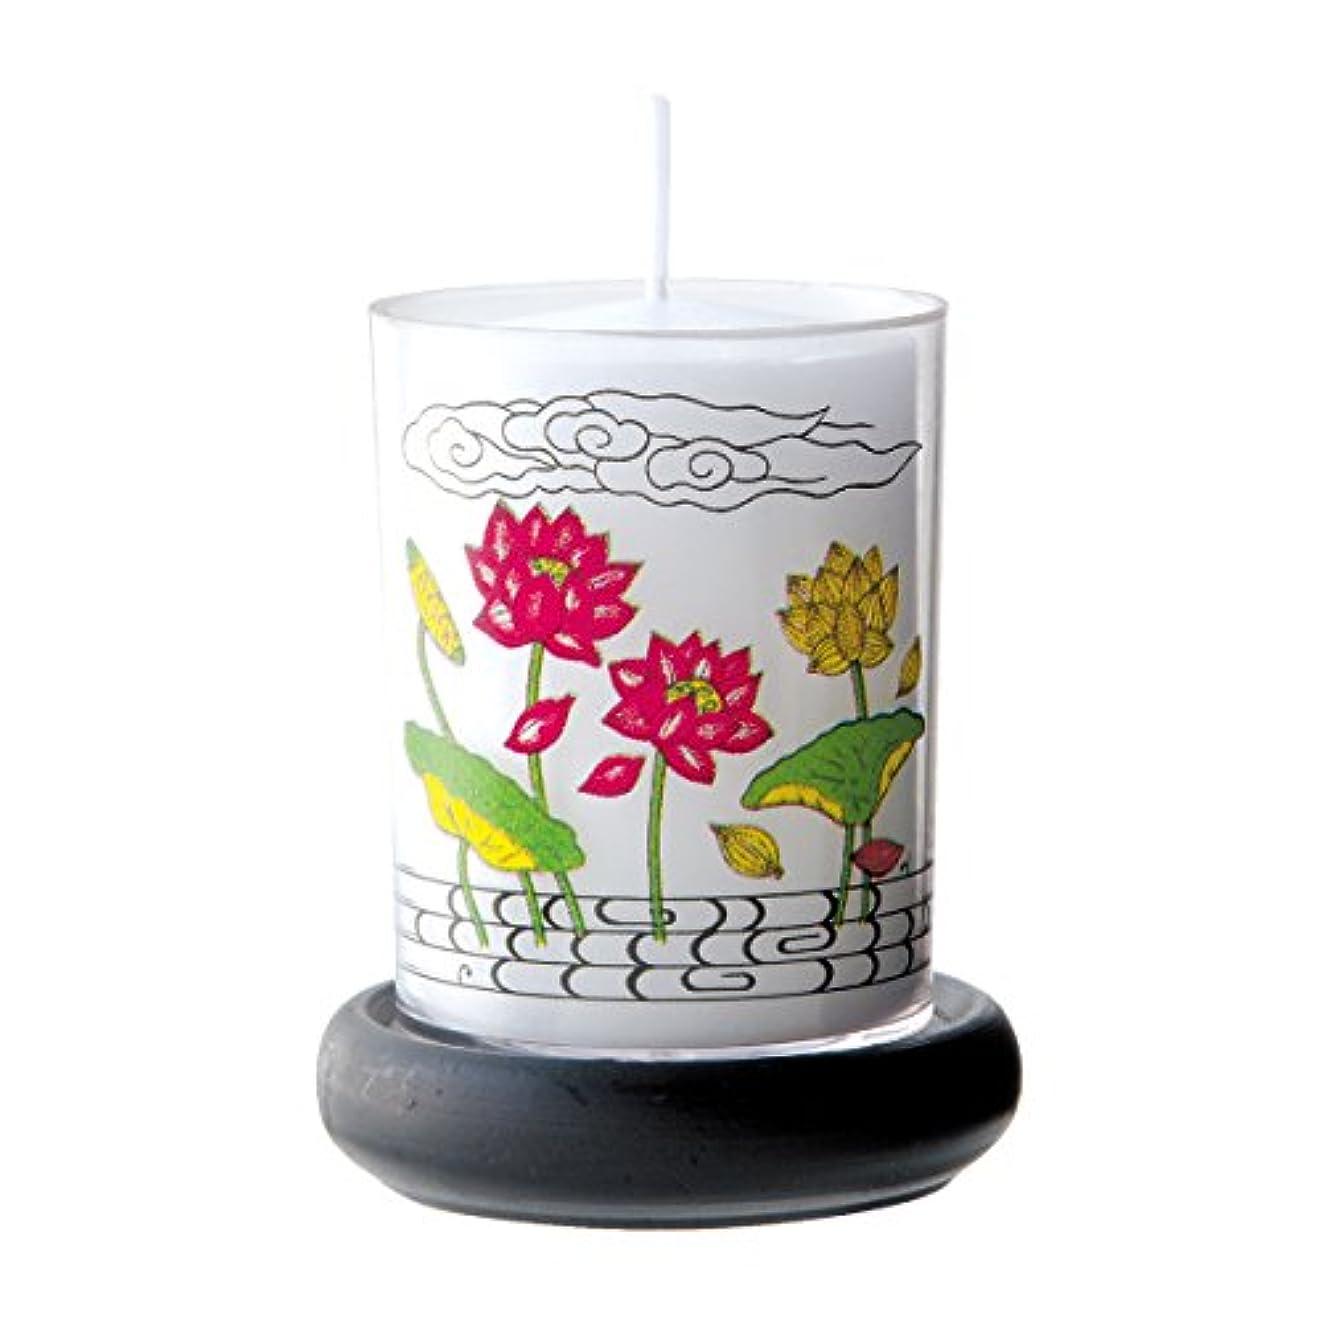 出力解釈するコーヒーカメヤマ 24時間ボーティブ台付き 蓮花 1個箱